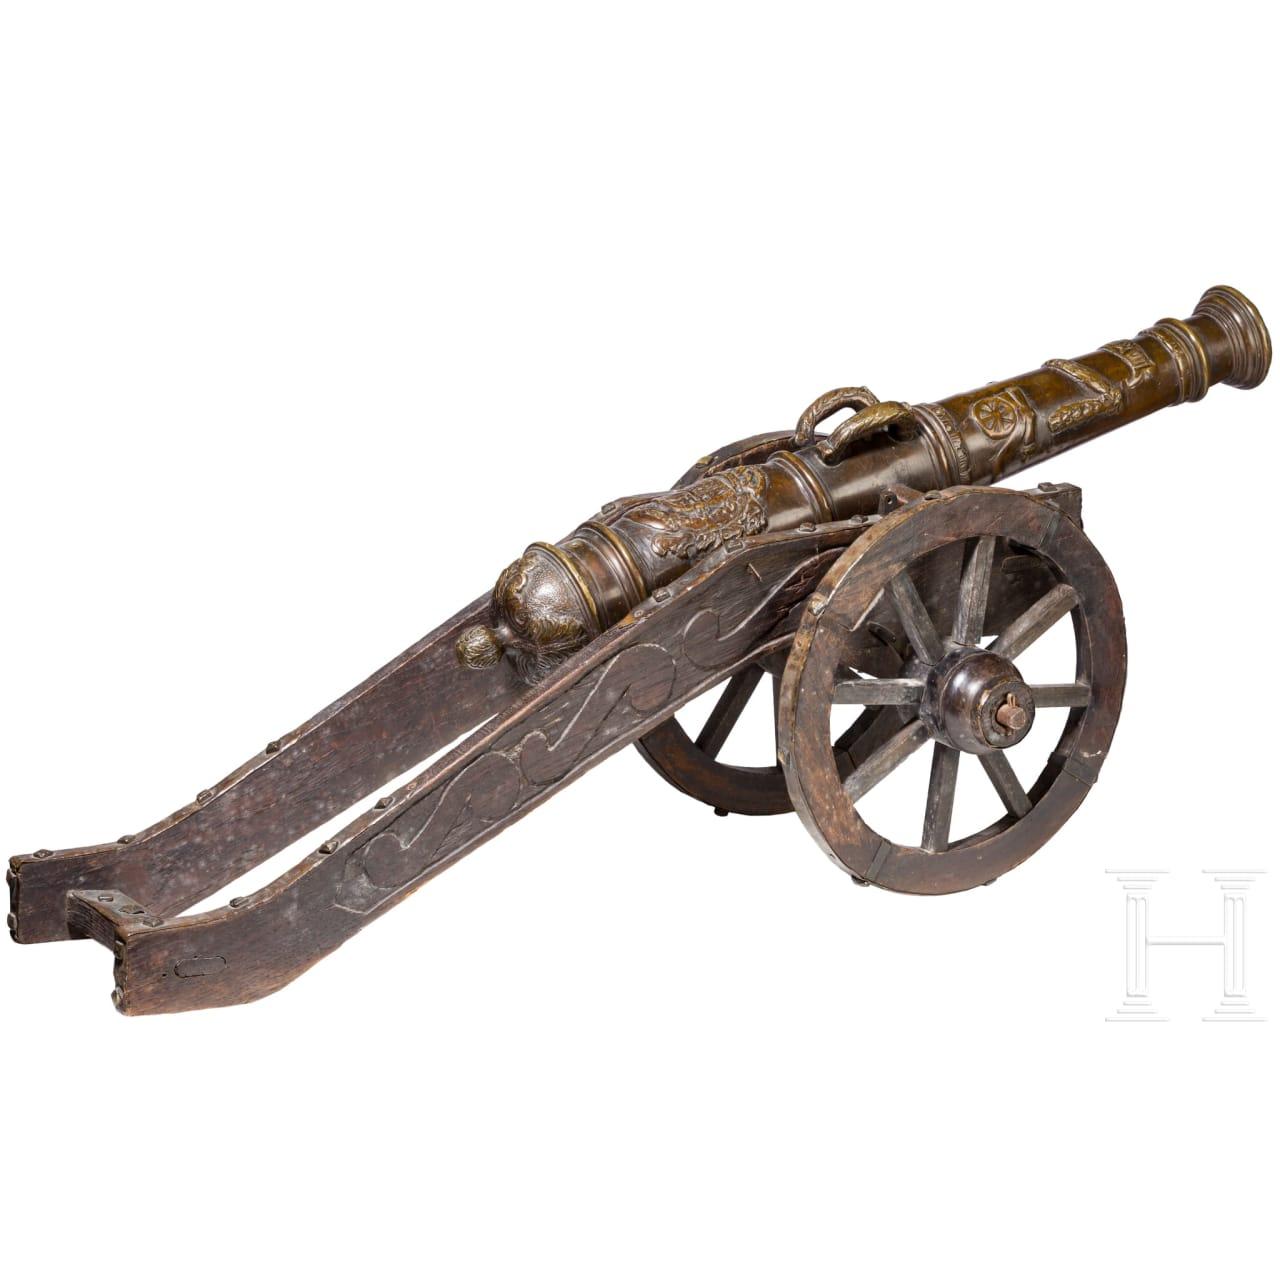 Modellgeschütz, Sammleranfertigung im Stil des 16. Jhdts.